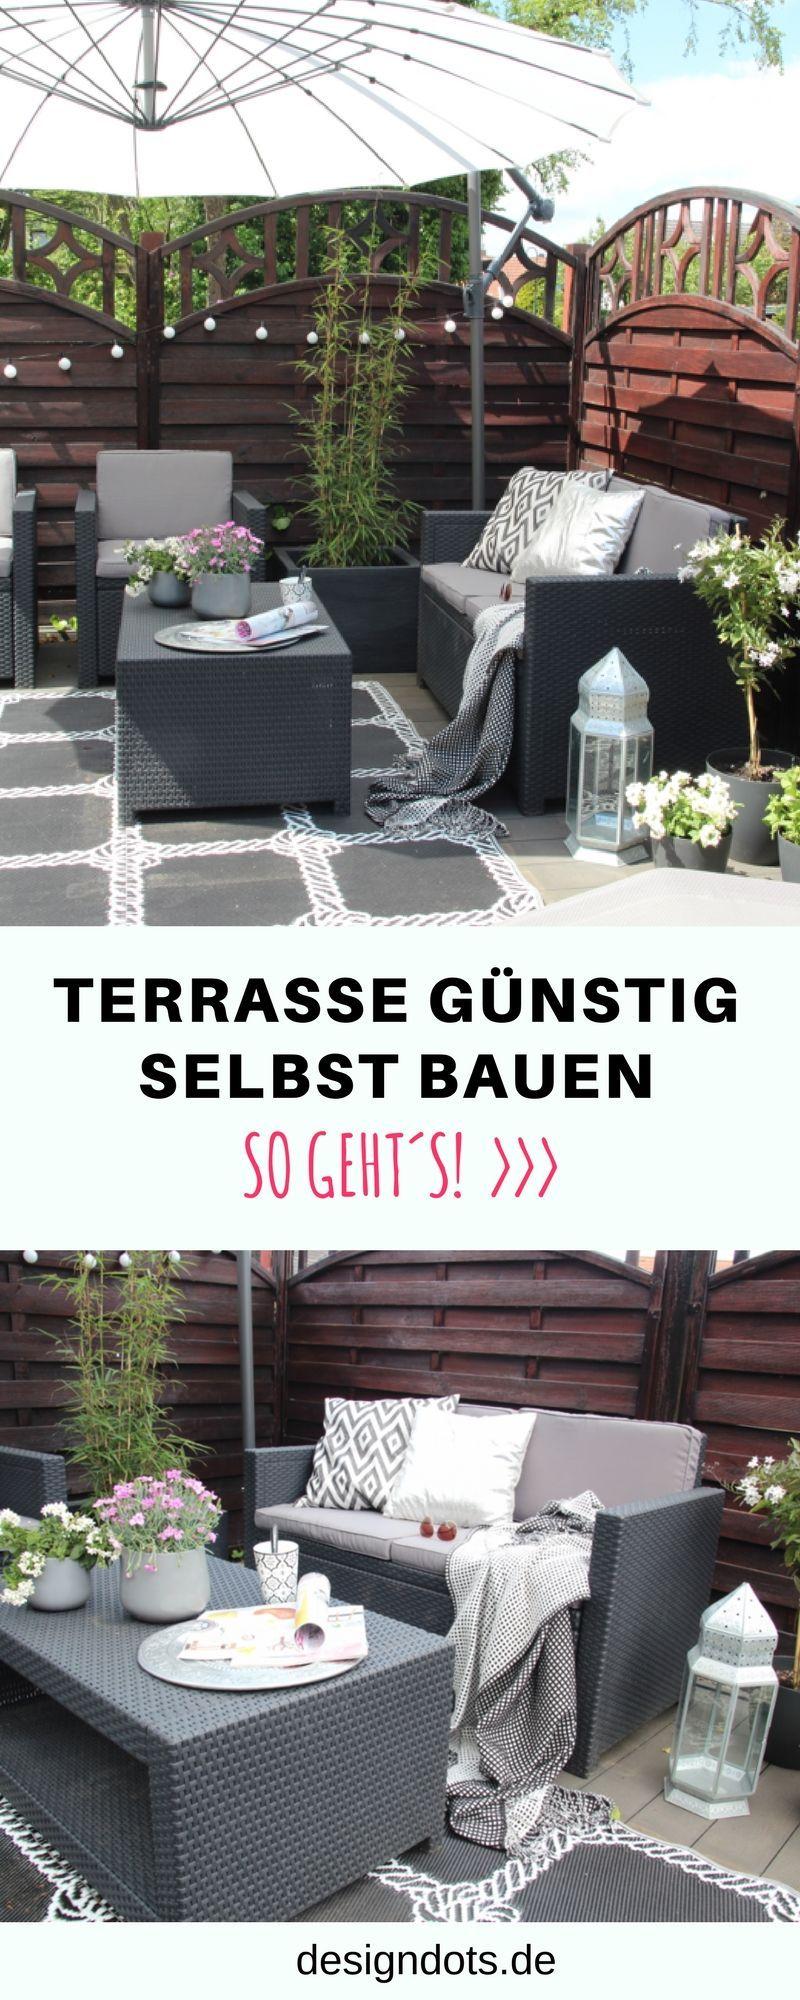 Unsere Neue Diy Terrasse Terrasse Dekorieren Diy Terrasse Und